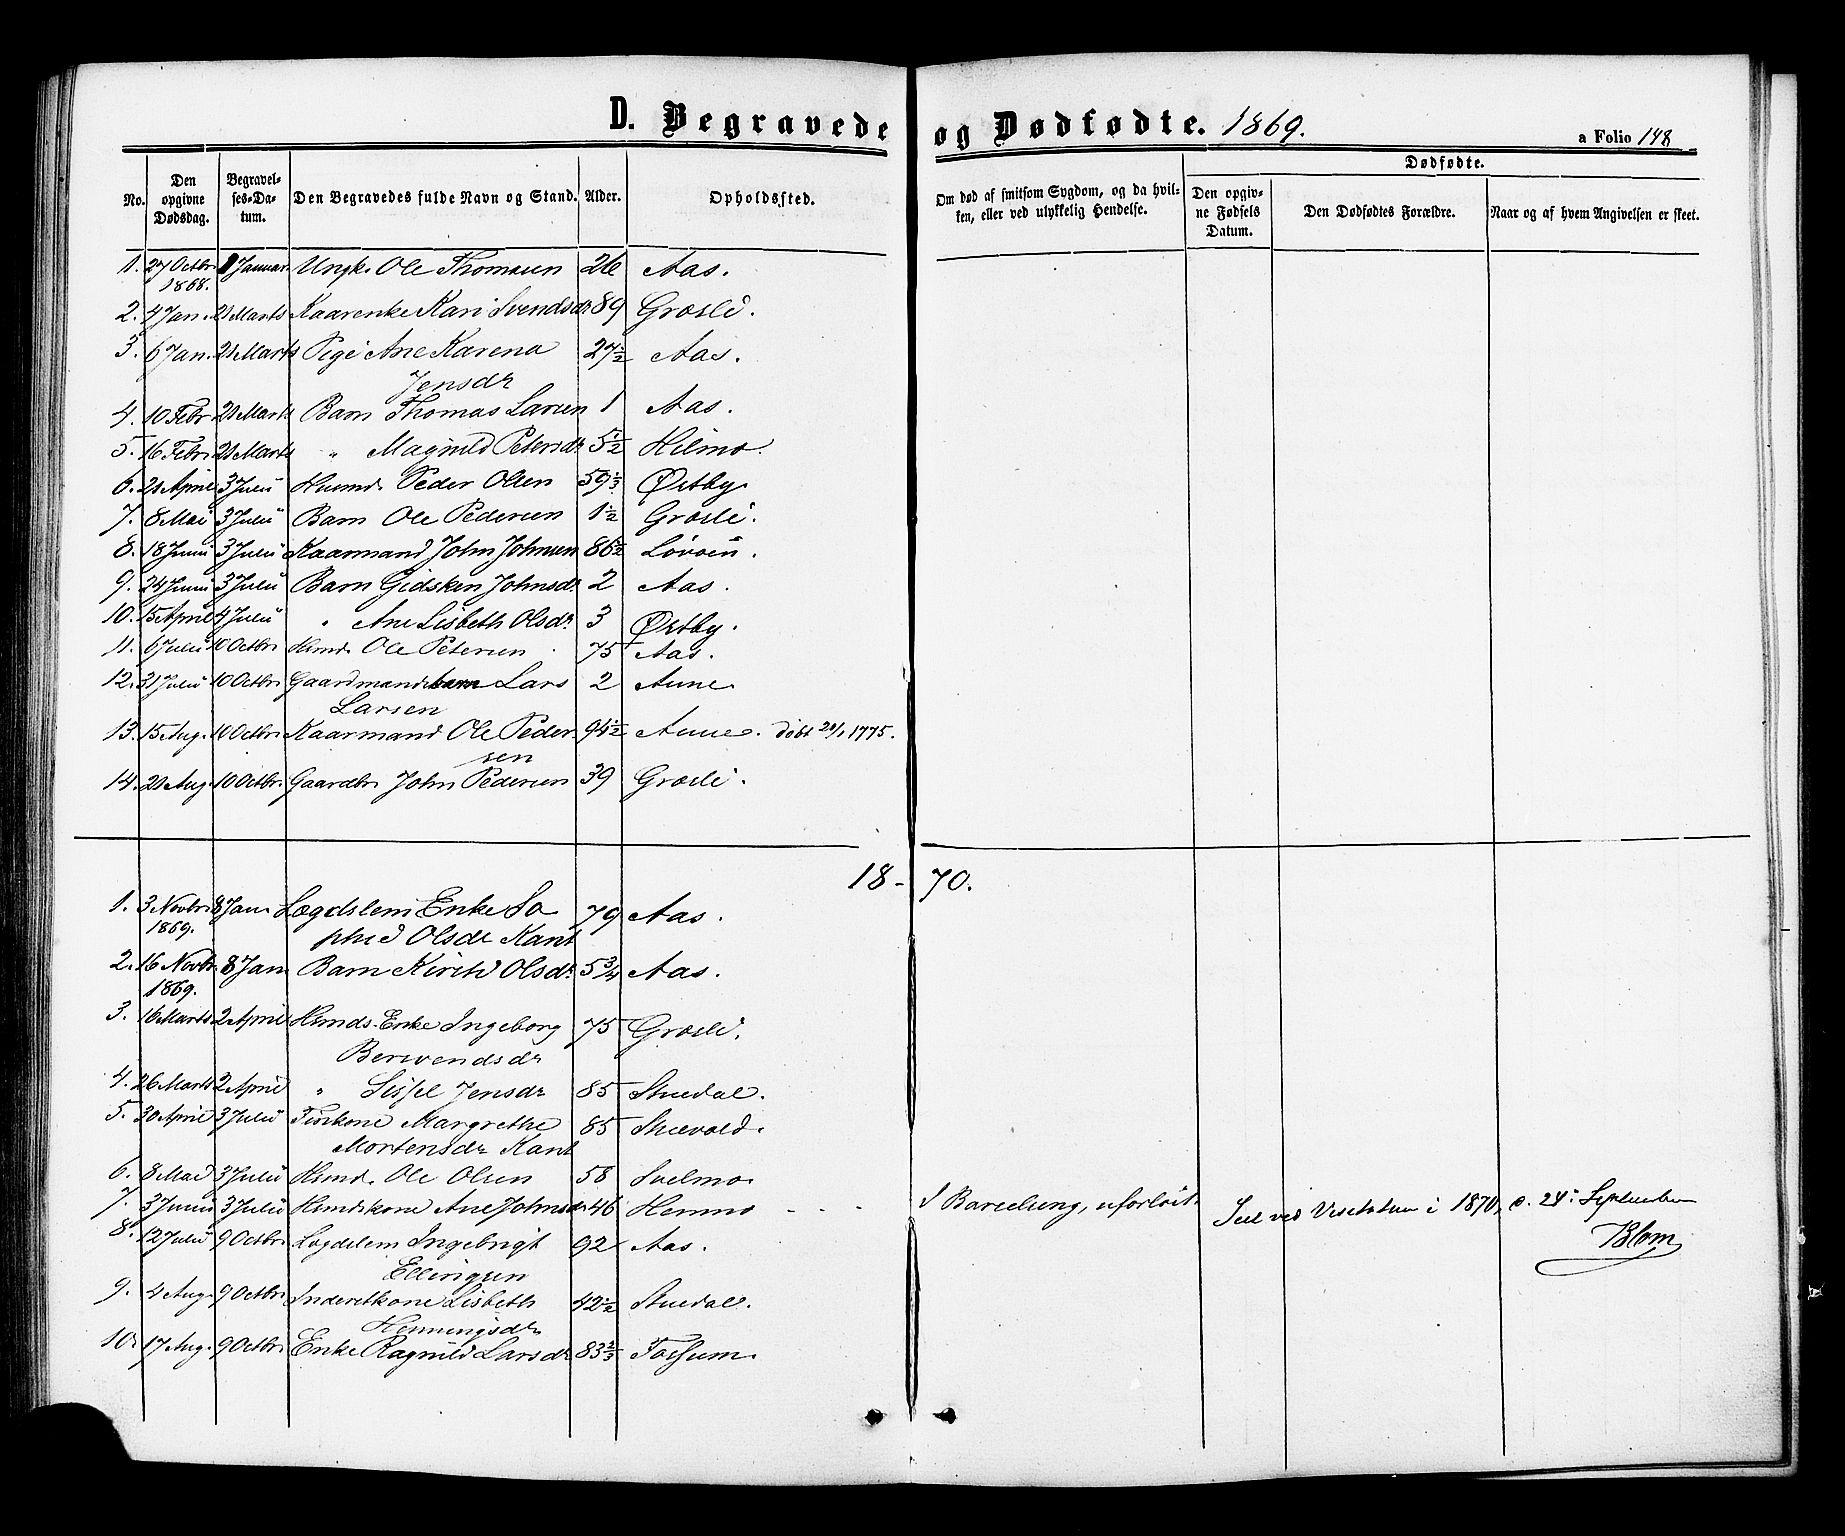 SAT, Ministerialprotokoller, klokkerbøker og fødselsregistre - Sør-Trøndelag, 698/L1163: Ministerialbok nr. 698A01, 1862-1887, s. 148